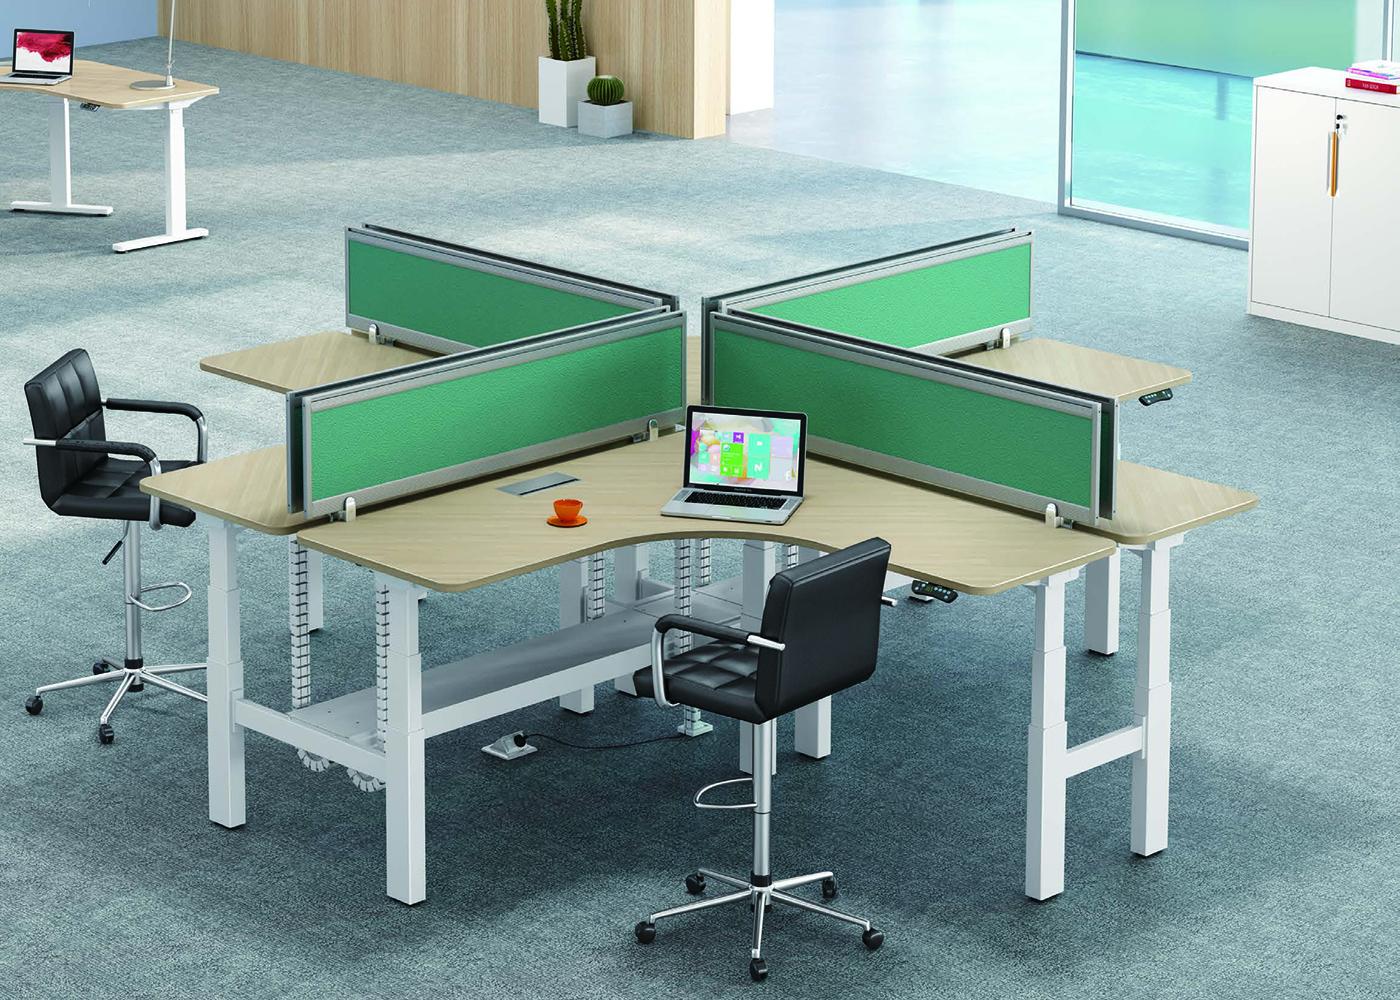 米克智能升降桌A18,上海智能升降桌,【尺寸 价格 图片 品牌】